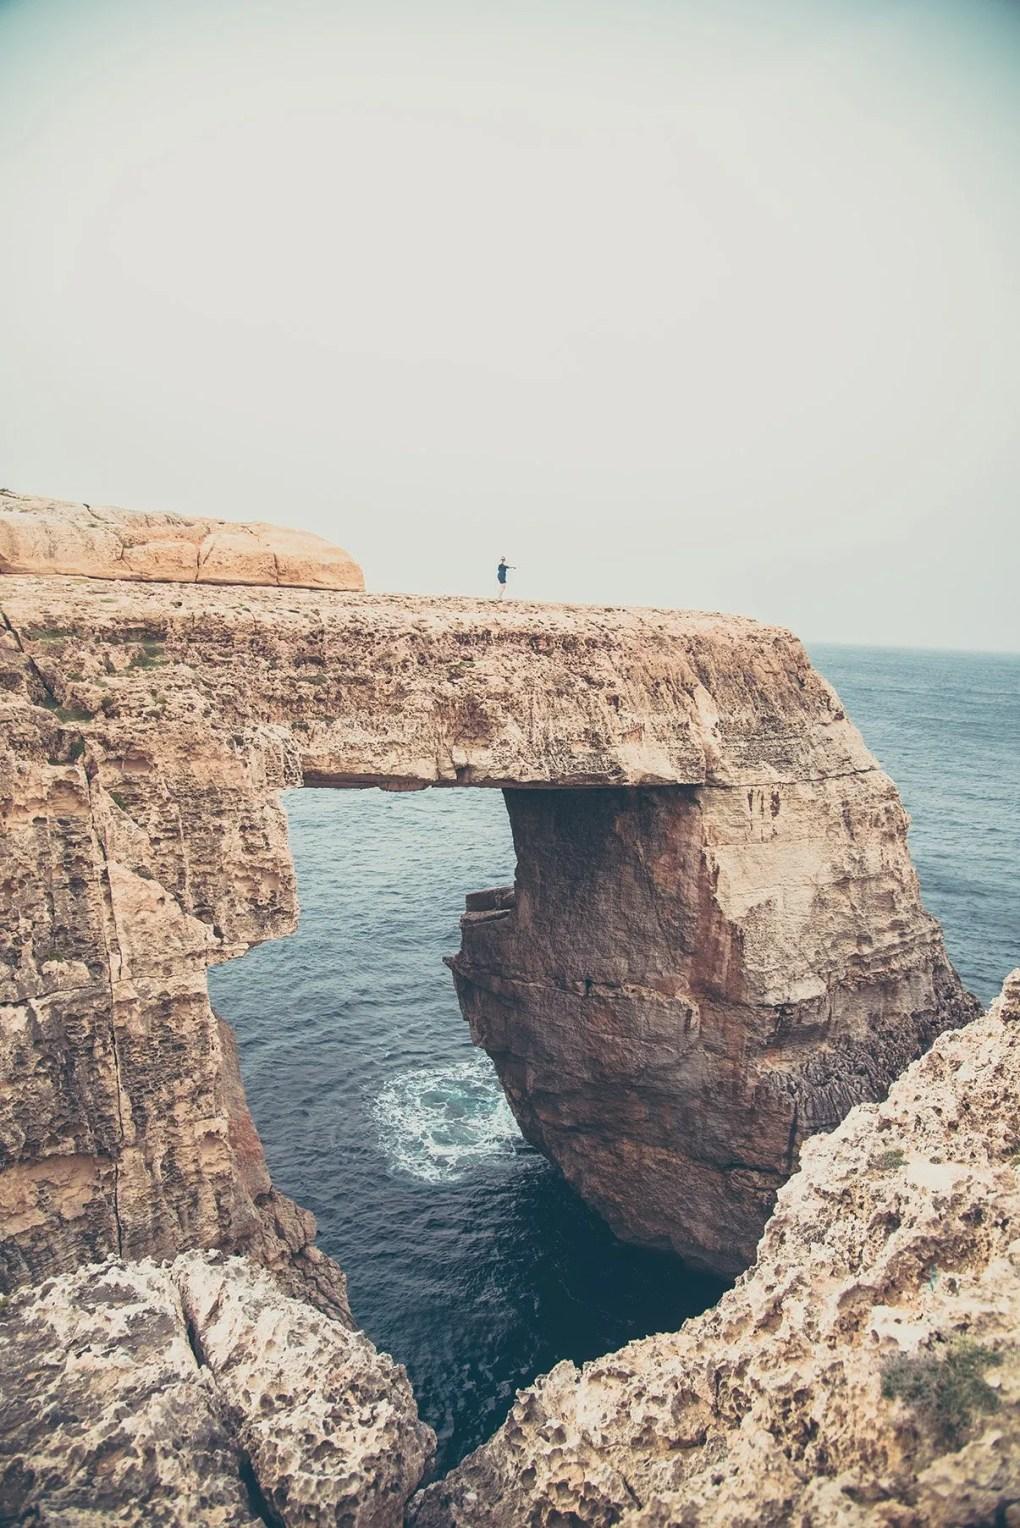 Fotogids naar de meest fotogenieke plekjes in Gozo | Malta